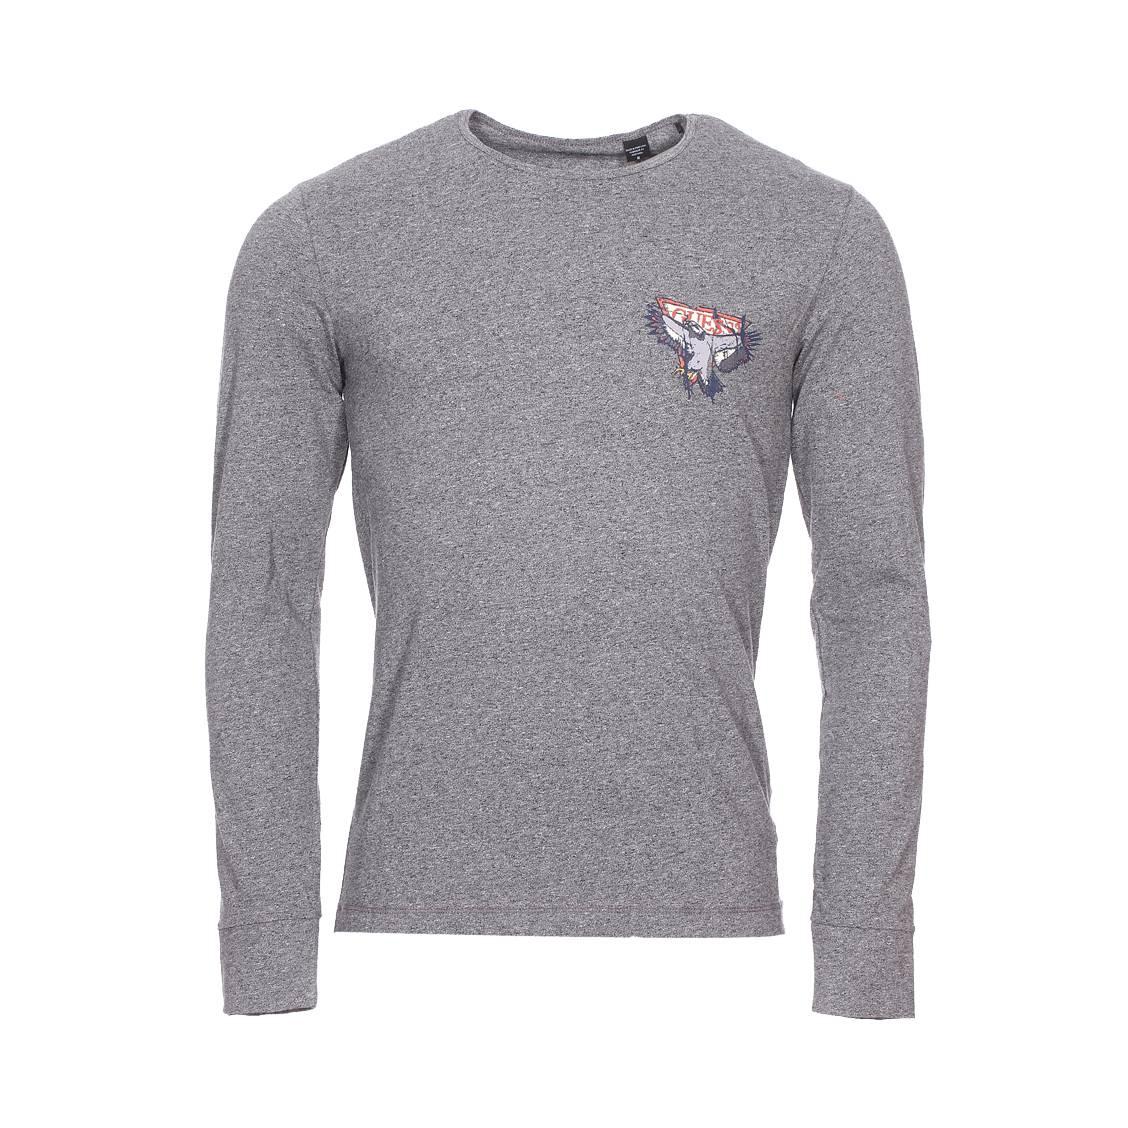 Tee-shirt col rond manches longues guess en coton stretch gris foncé chiné floqué